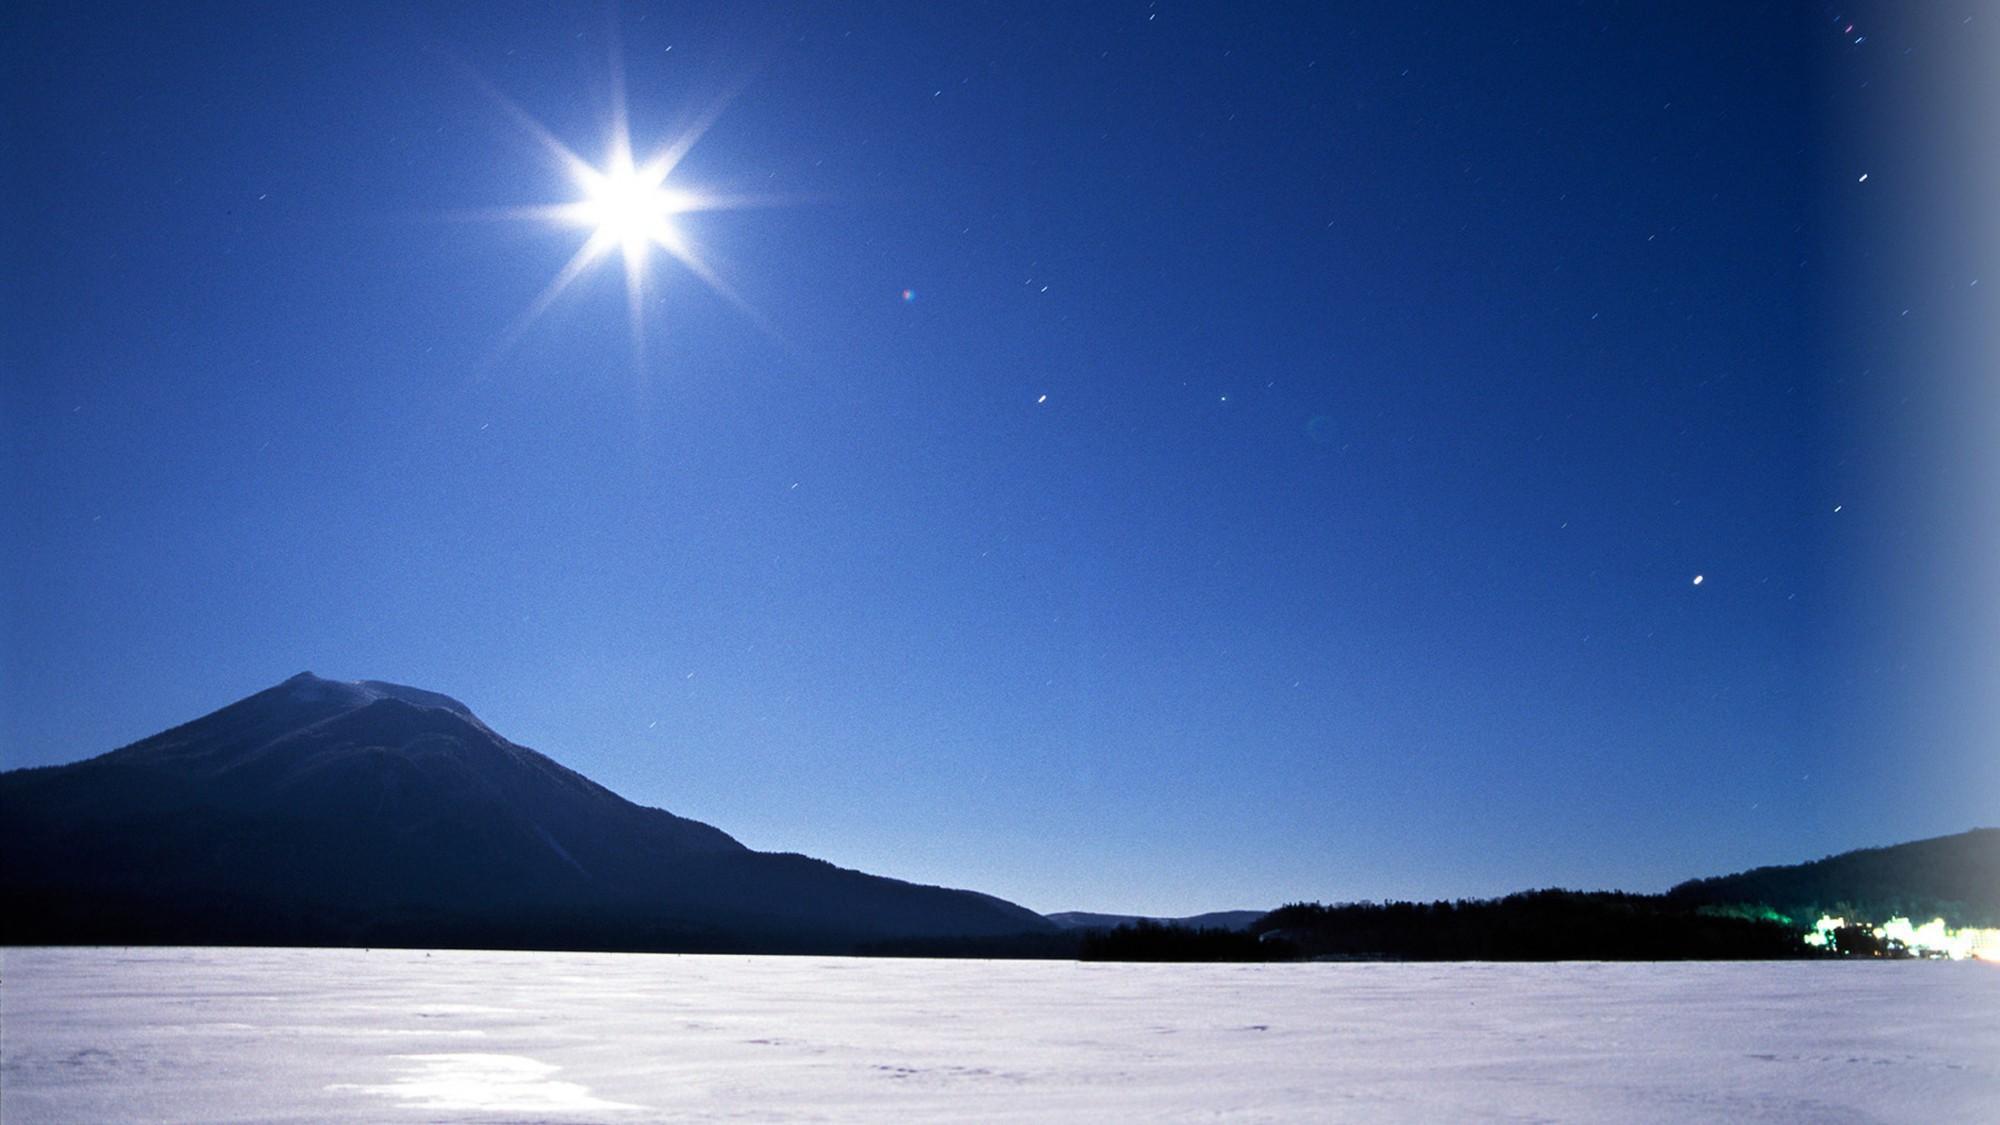 冬の夜の阿寒湖。吸い込まれそうな風景が目の前に広がります